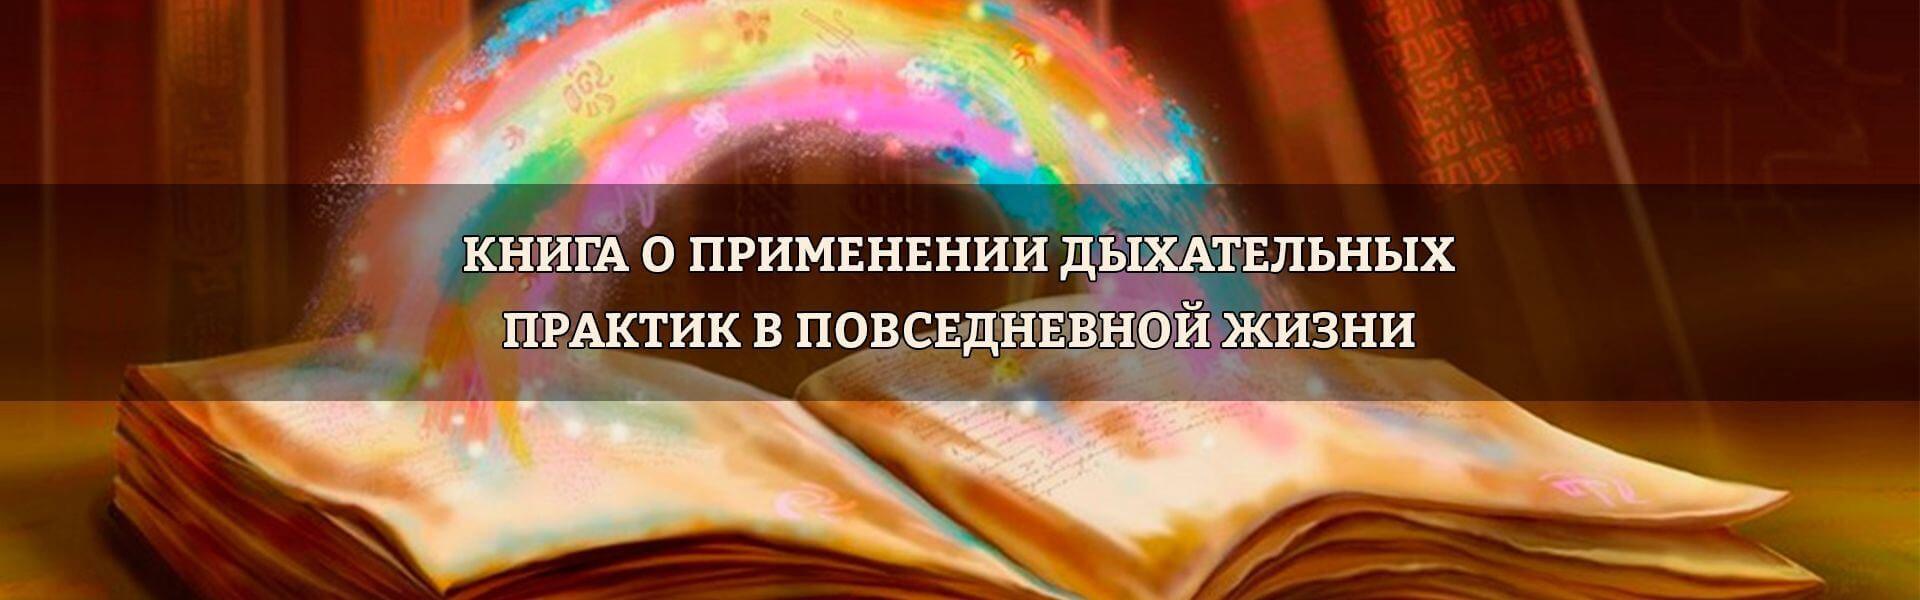 Слайдер-Книга-СД_1